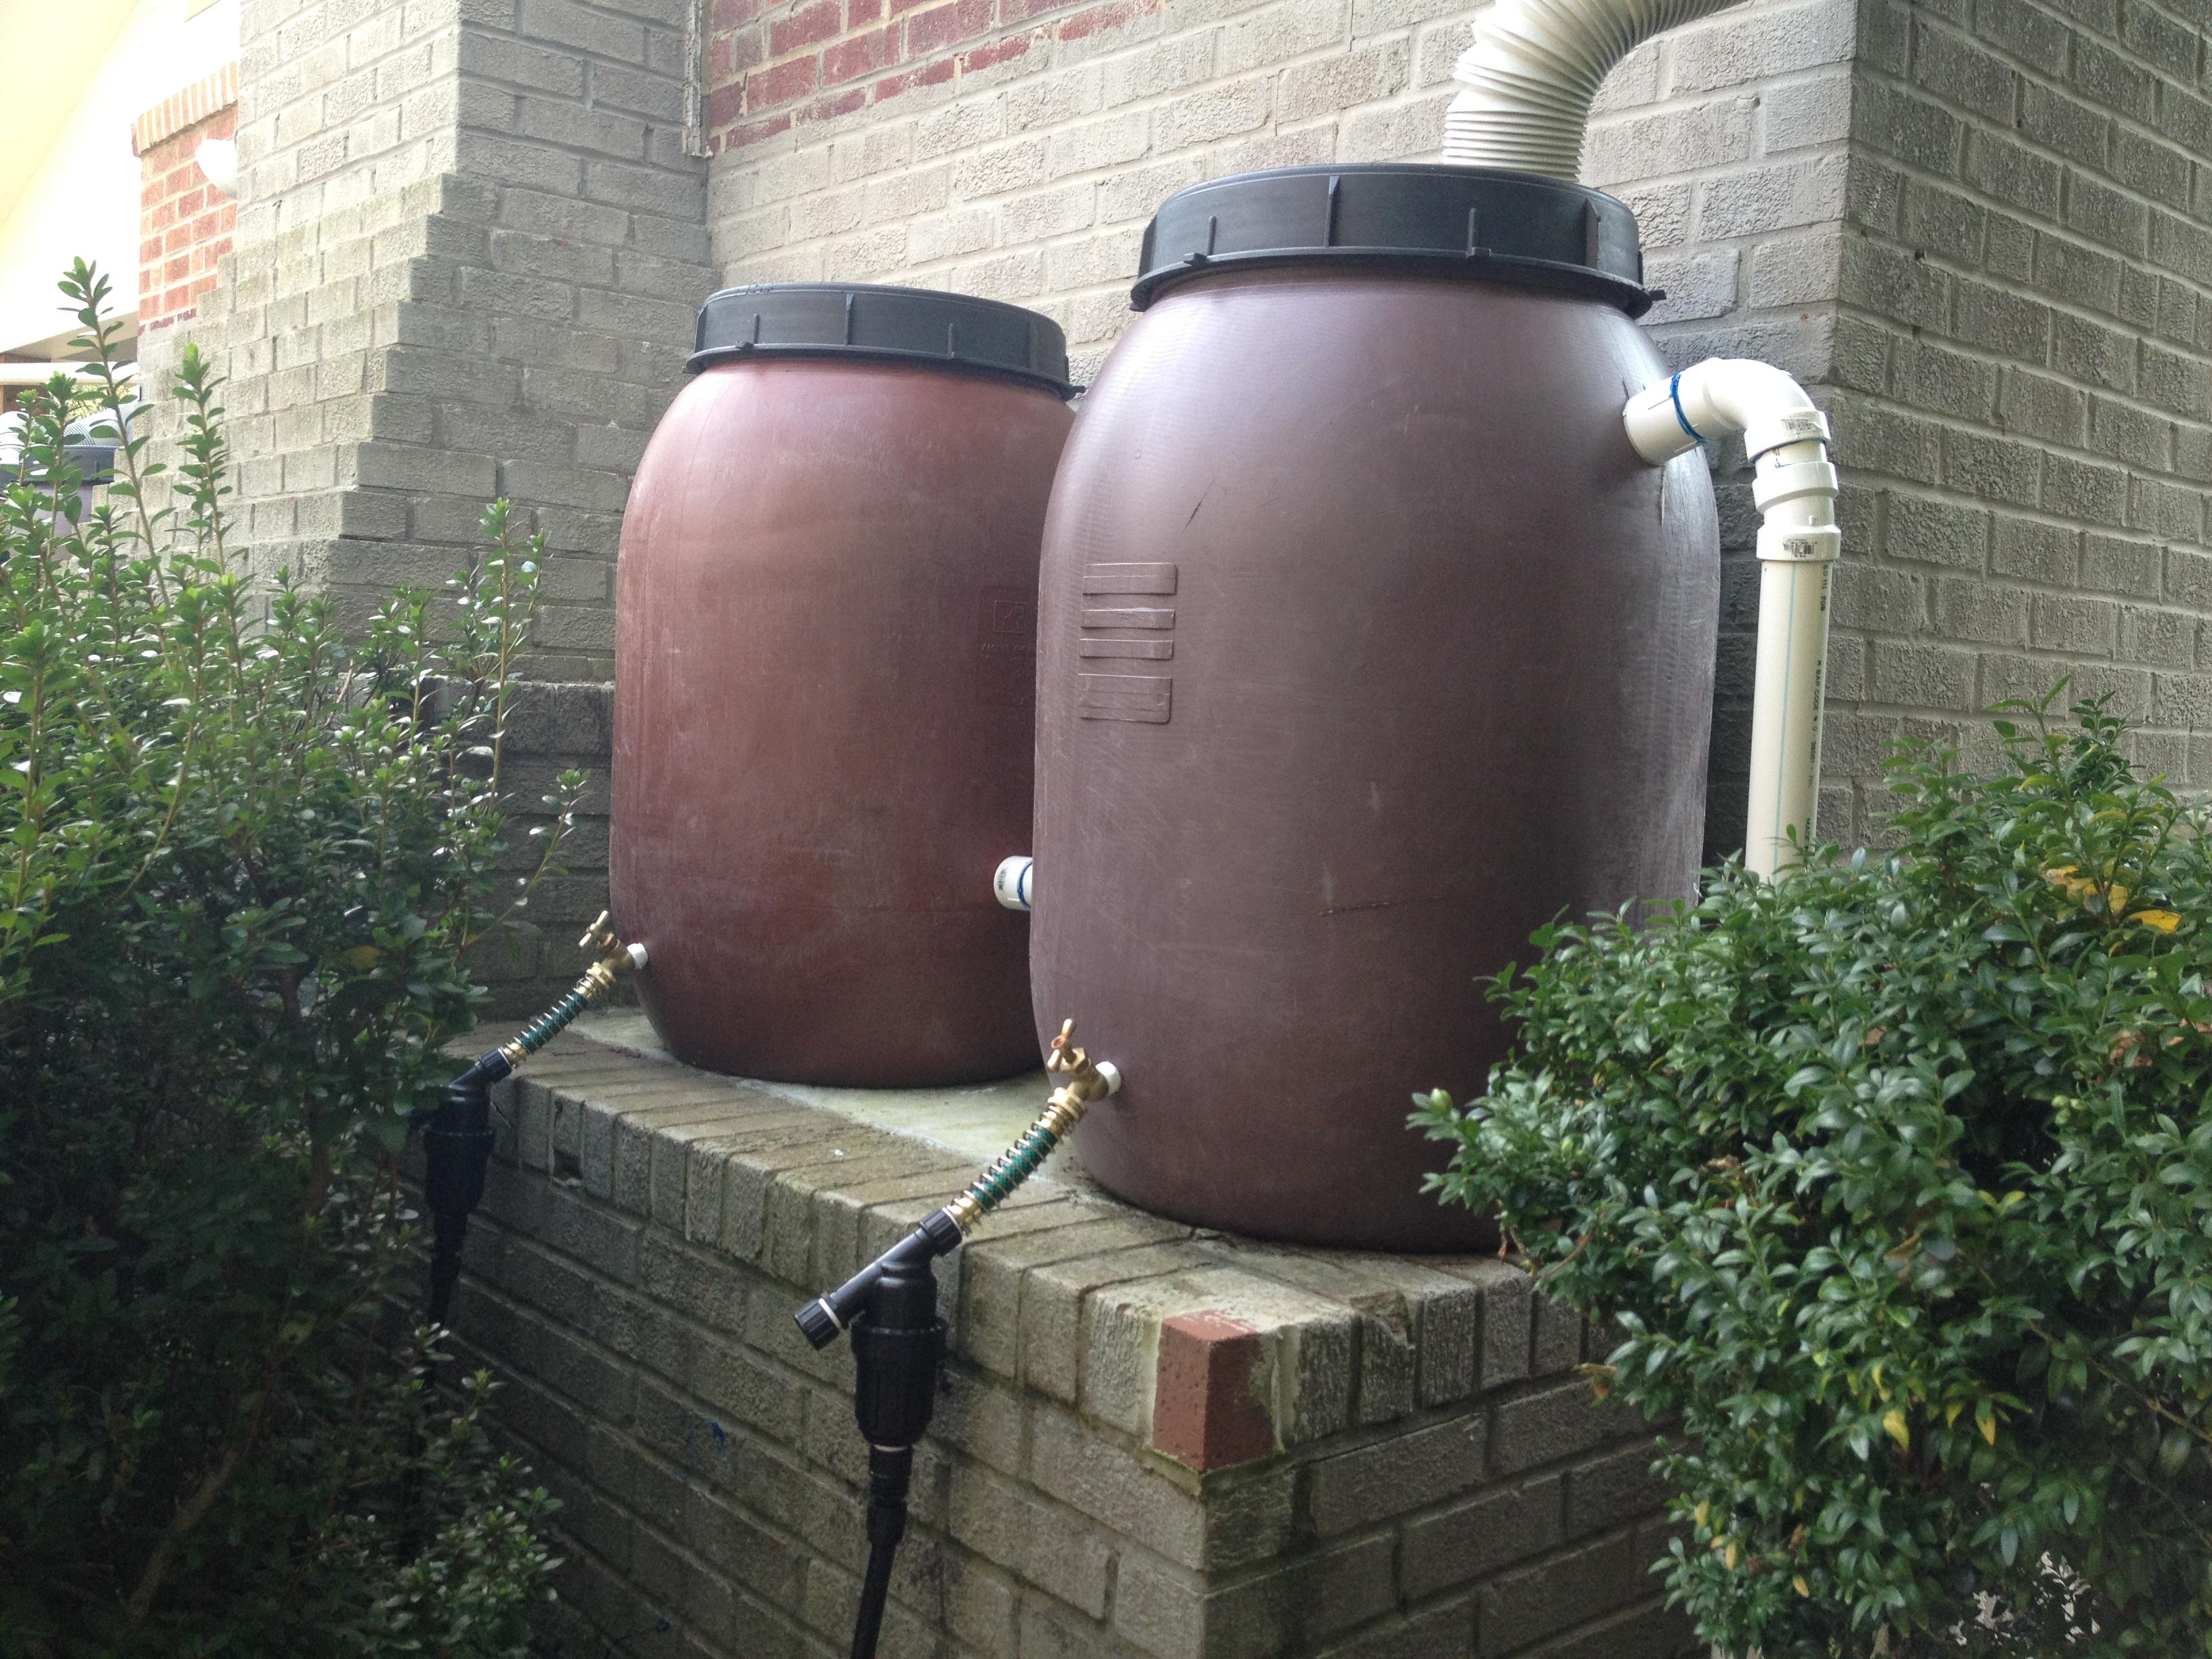 Dual rain barrels